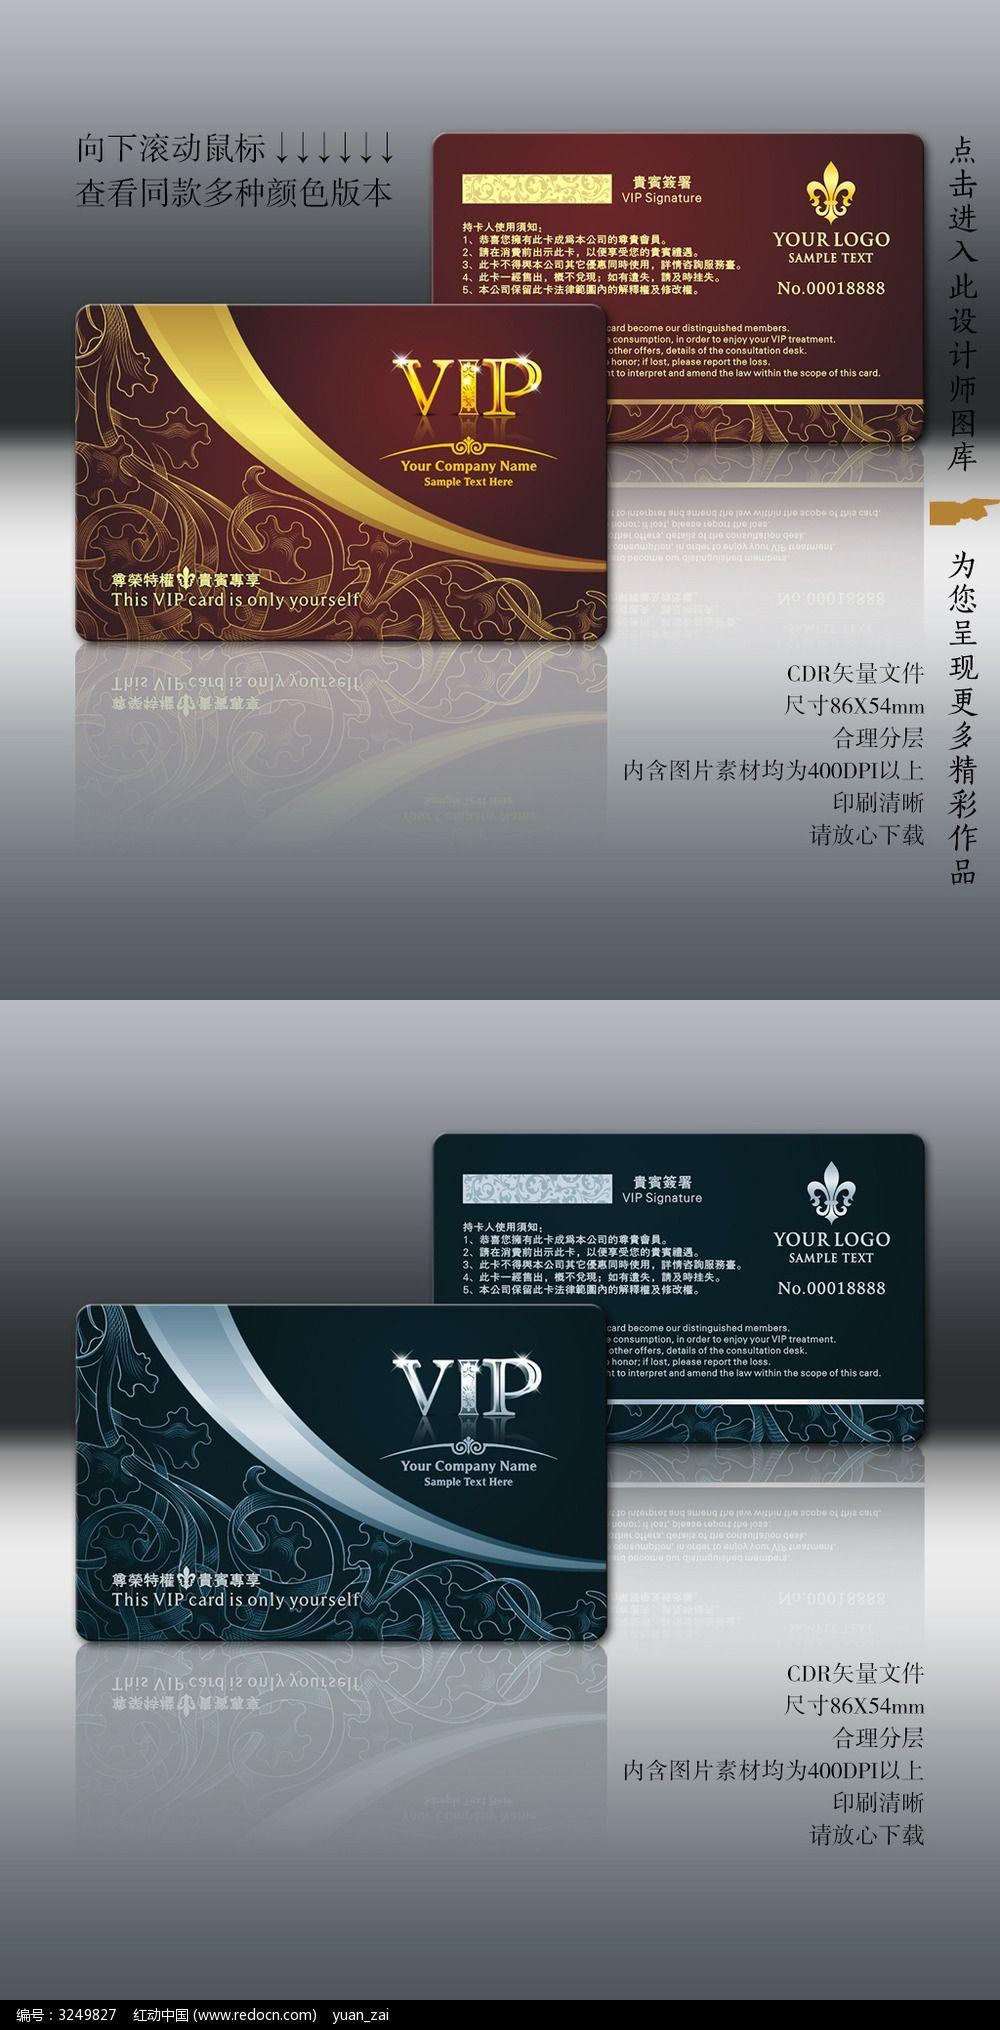 奢华高档VIP卡图片